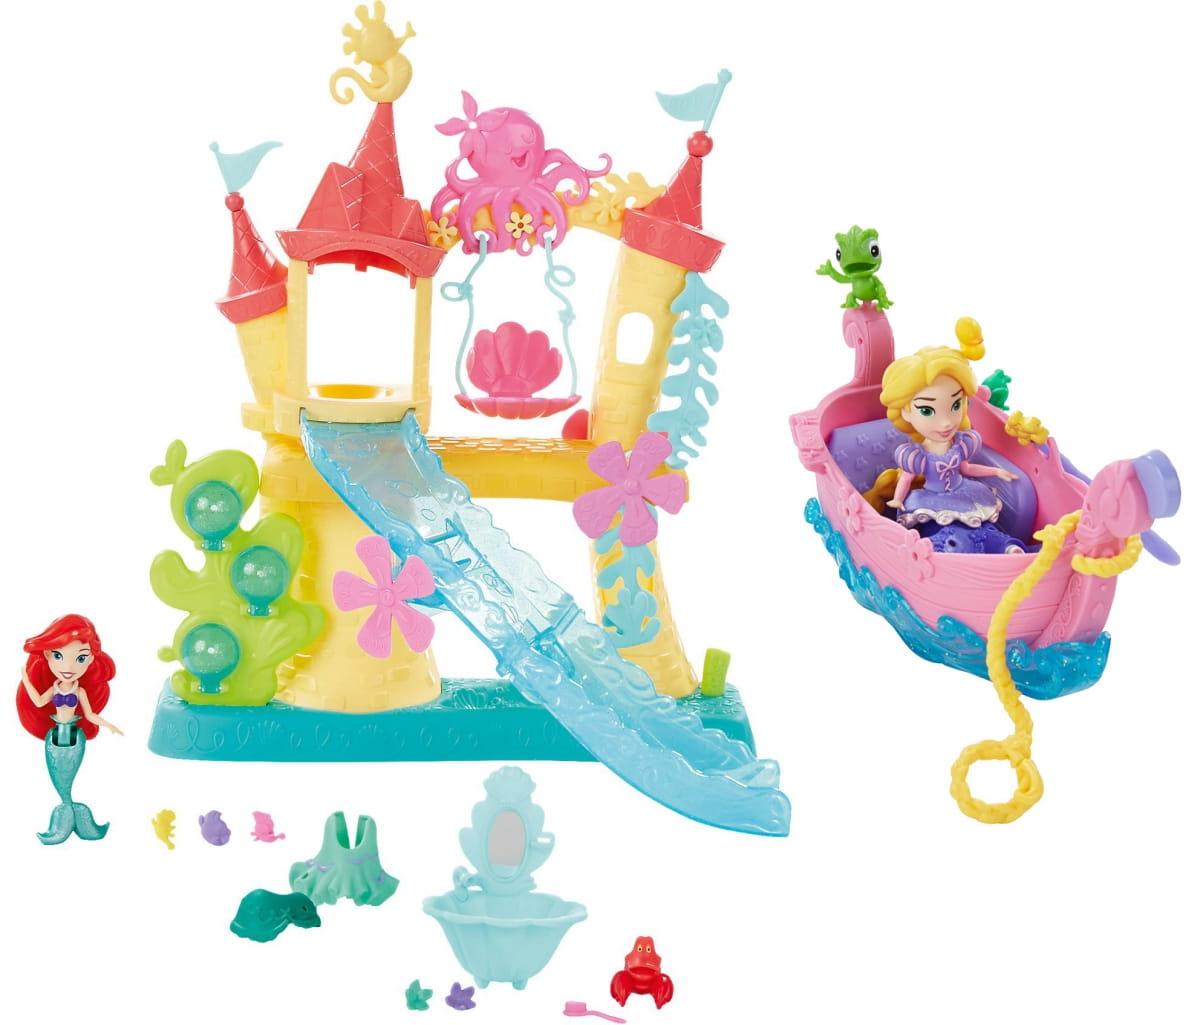 Игровой набор Disney Princess Замок Ариель для игры с водой и лодка с Принцессой (Hasbro)